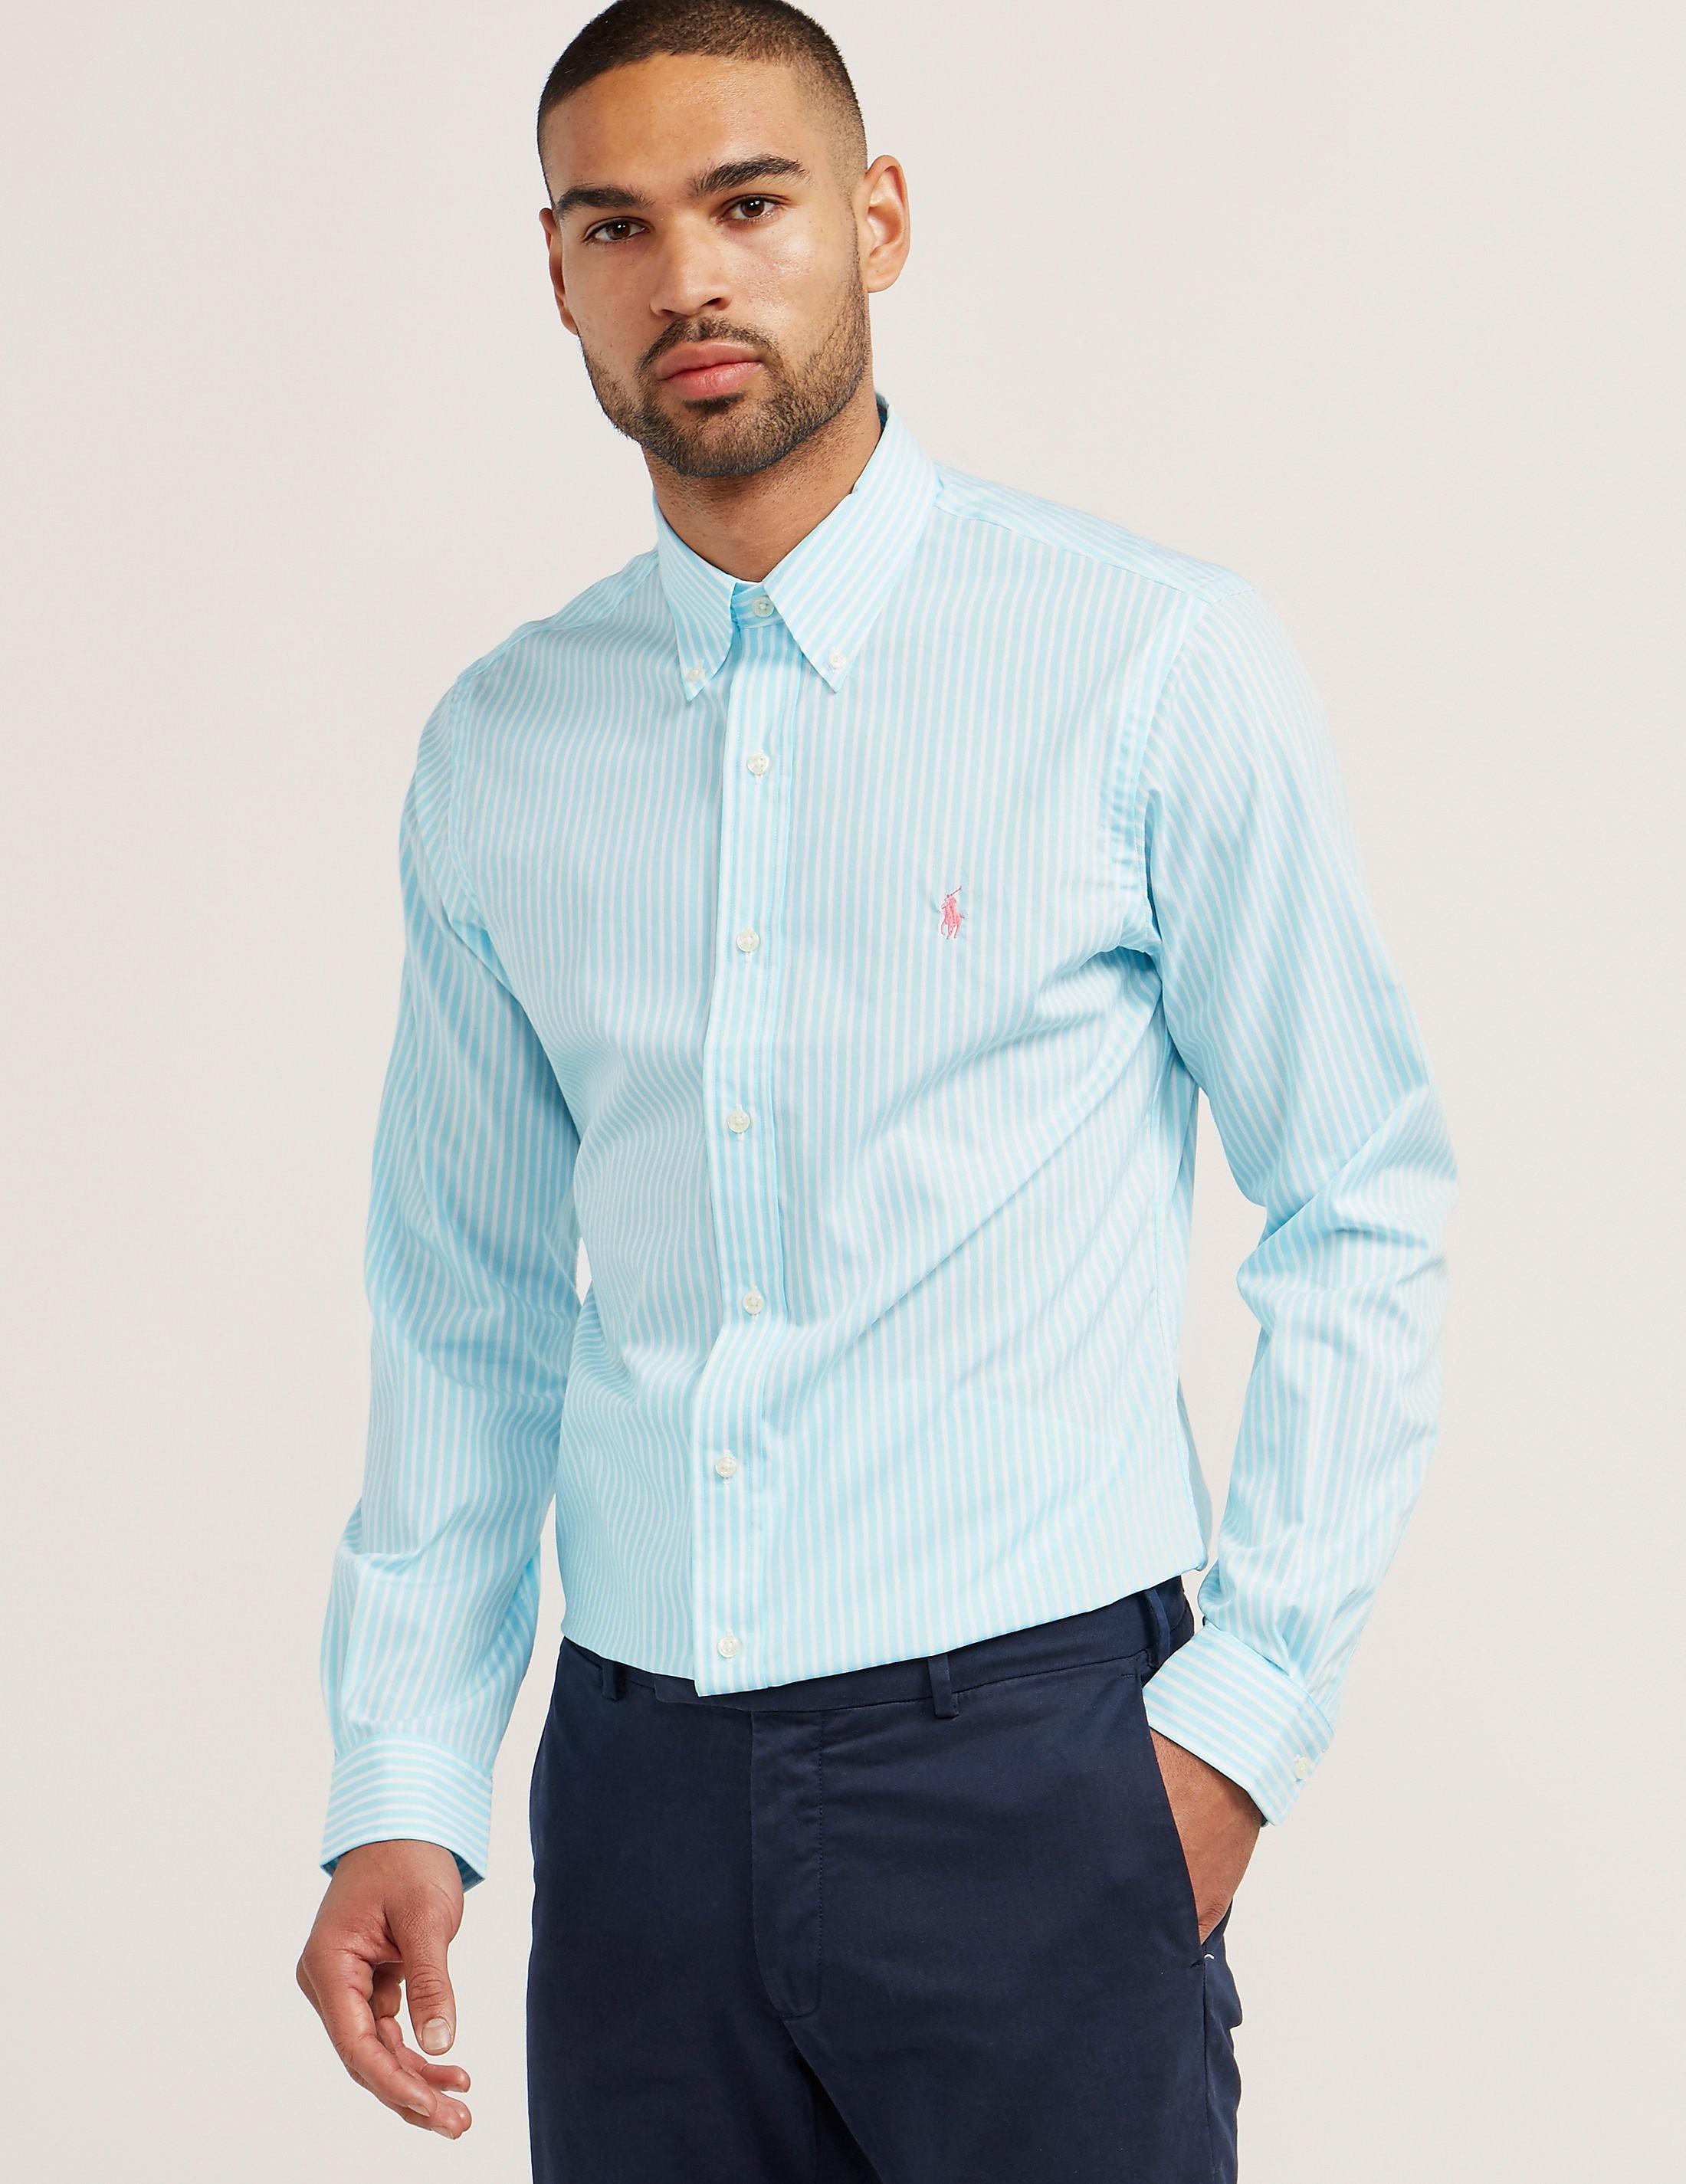 Polo Ralph Lauren Stripe Long Sleeve Shirt